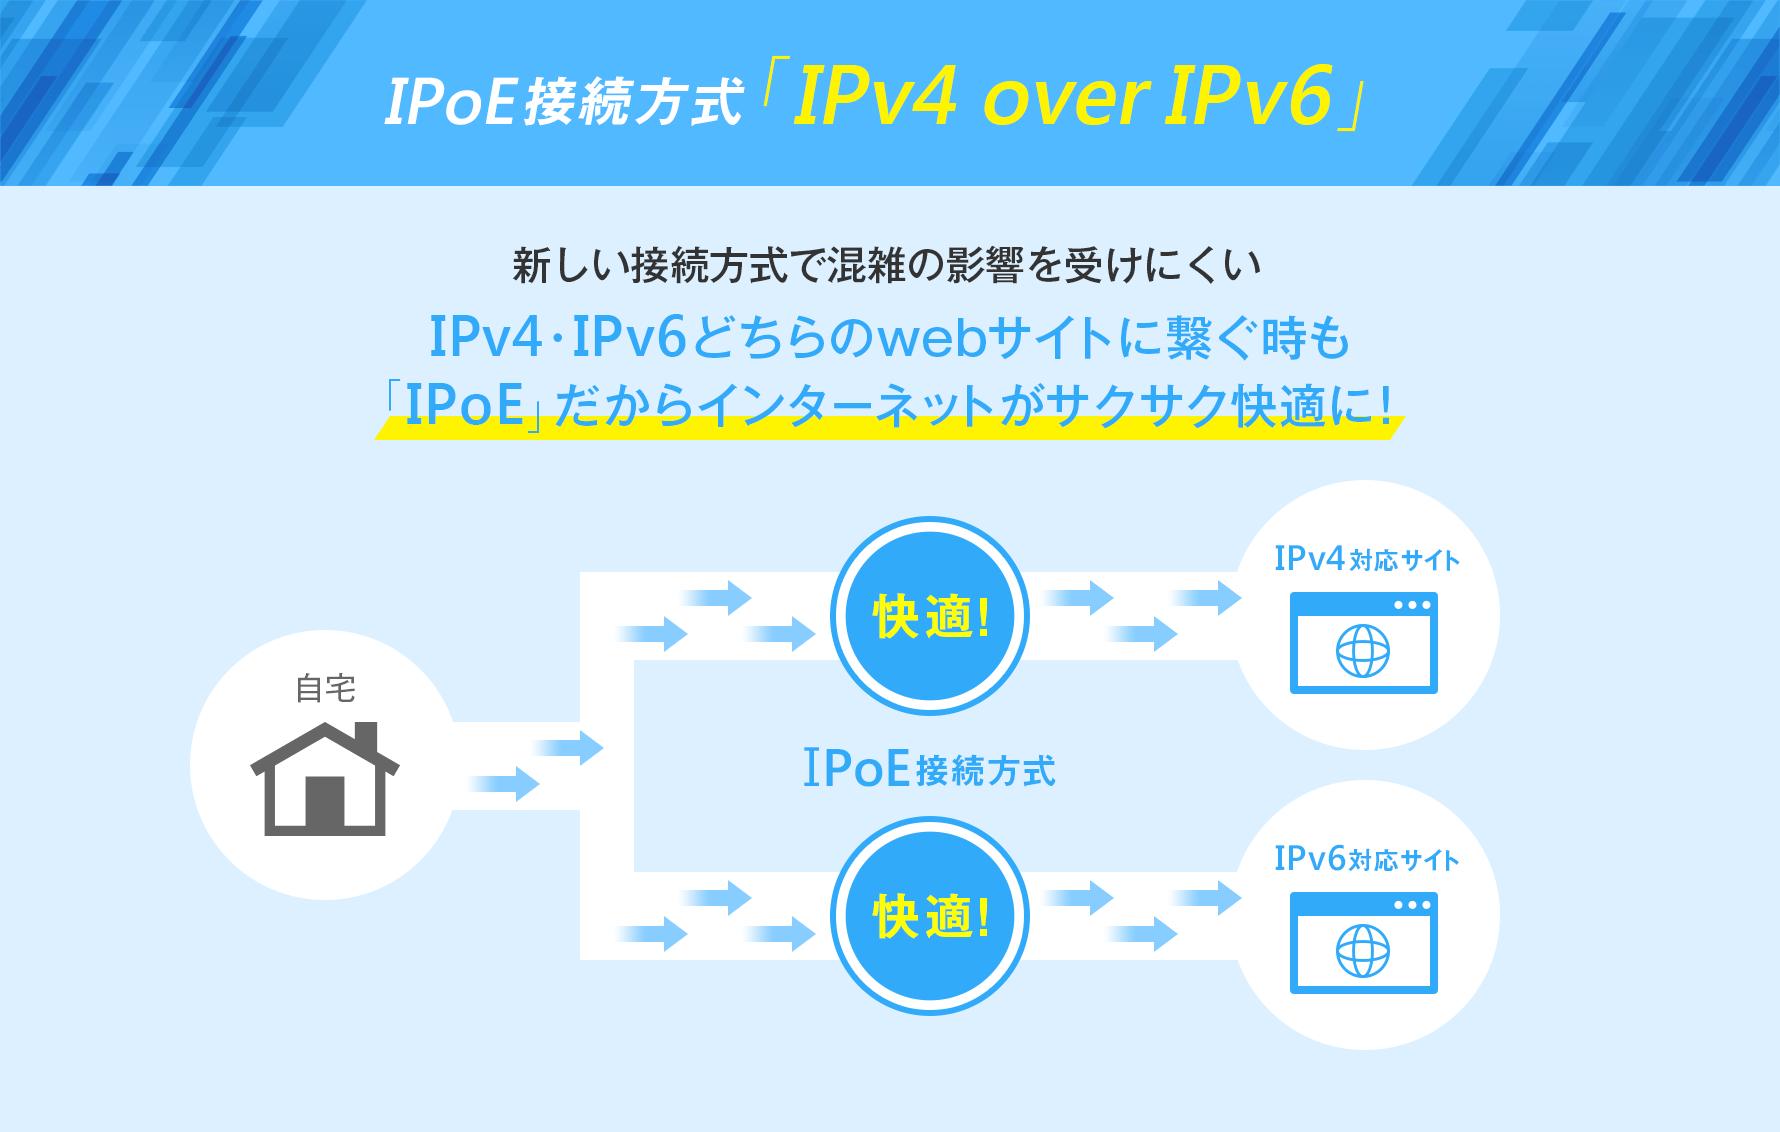 IPoE接続方式「IPv4 over IPv6」 新しい接続方式で混雑の影響を受けにくい IPv4・IPv6どちらのwebサイトに繋ぐ時も「IPoE」だからインターネットがサクサク快適に!